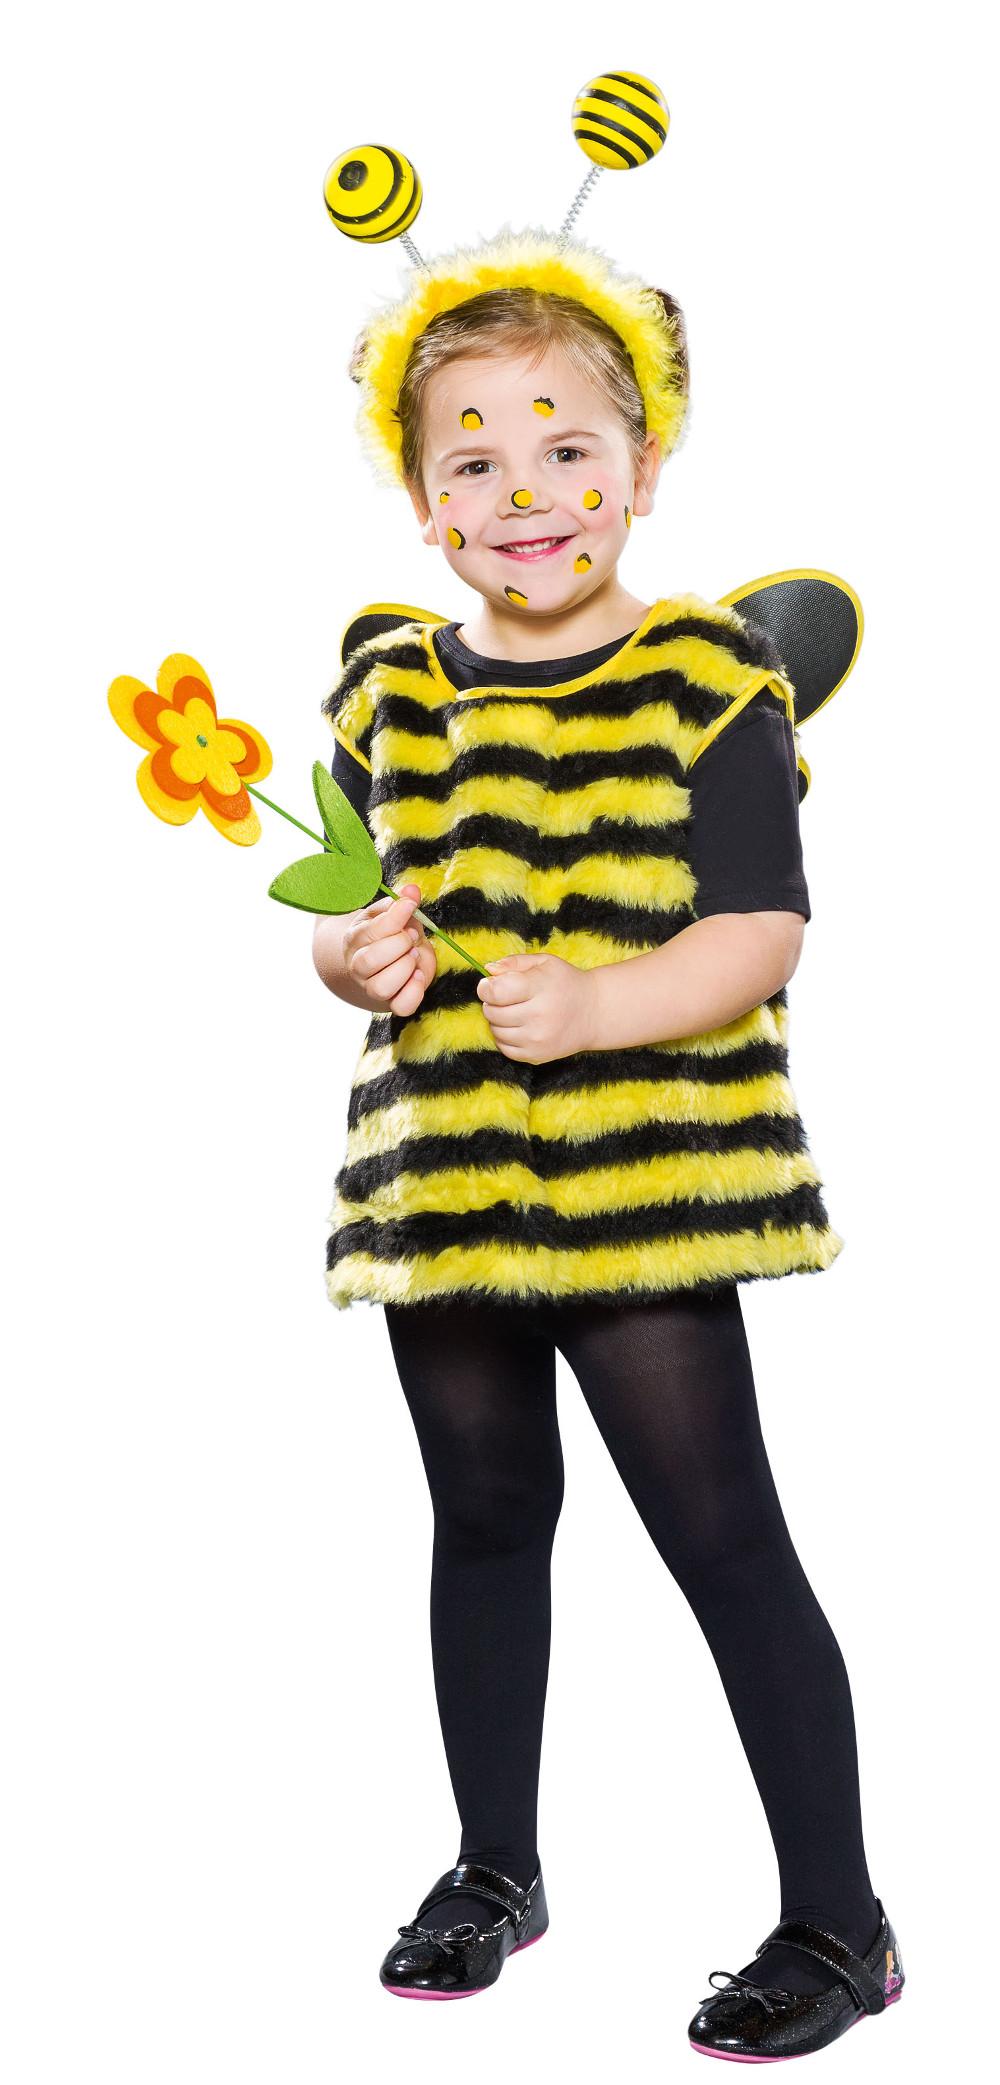 Bienenkostum Gr 92 Madchen Kleid Mit Flugel Biene Tierkostum Kostum